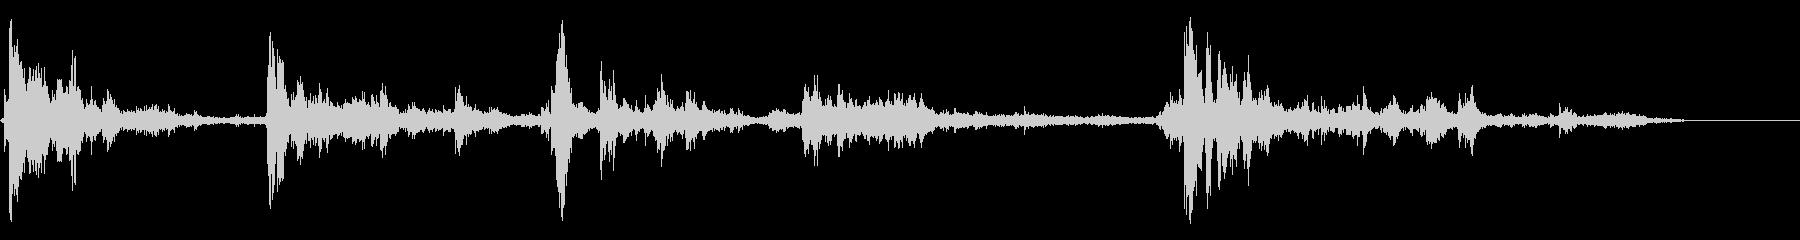 ライトニングサンダー-の未再生の波形